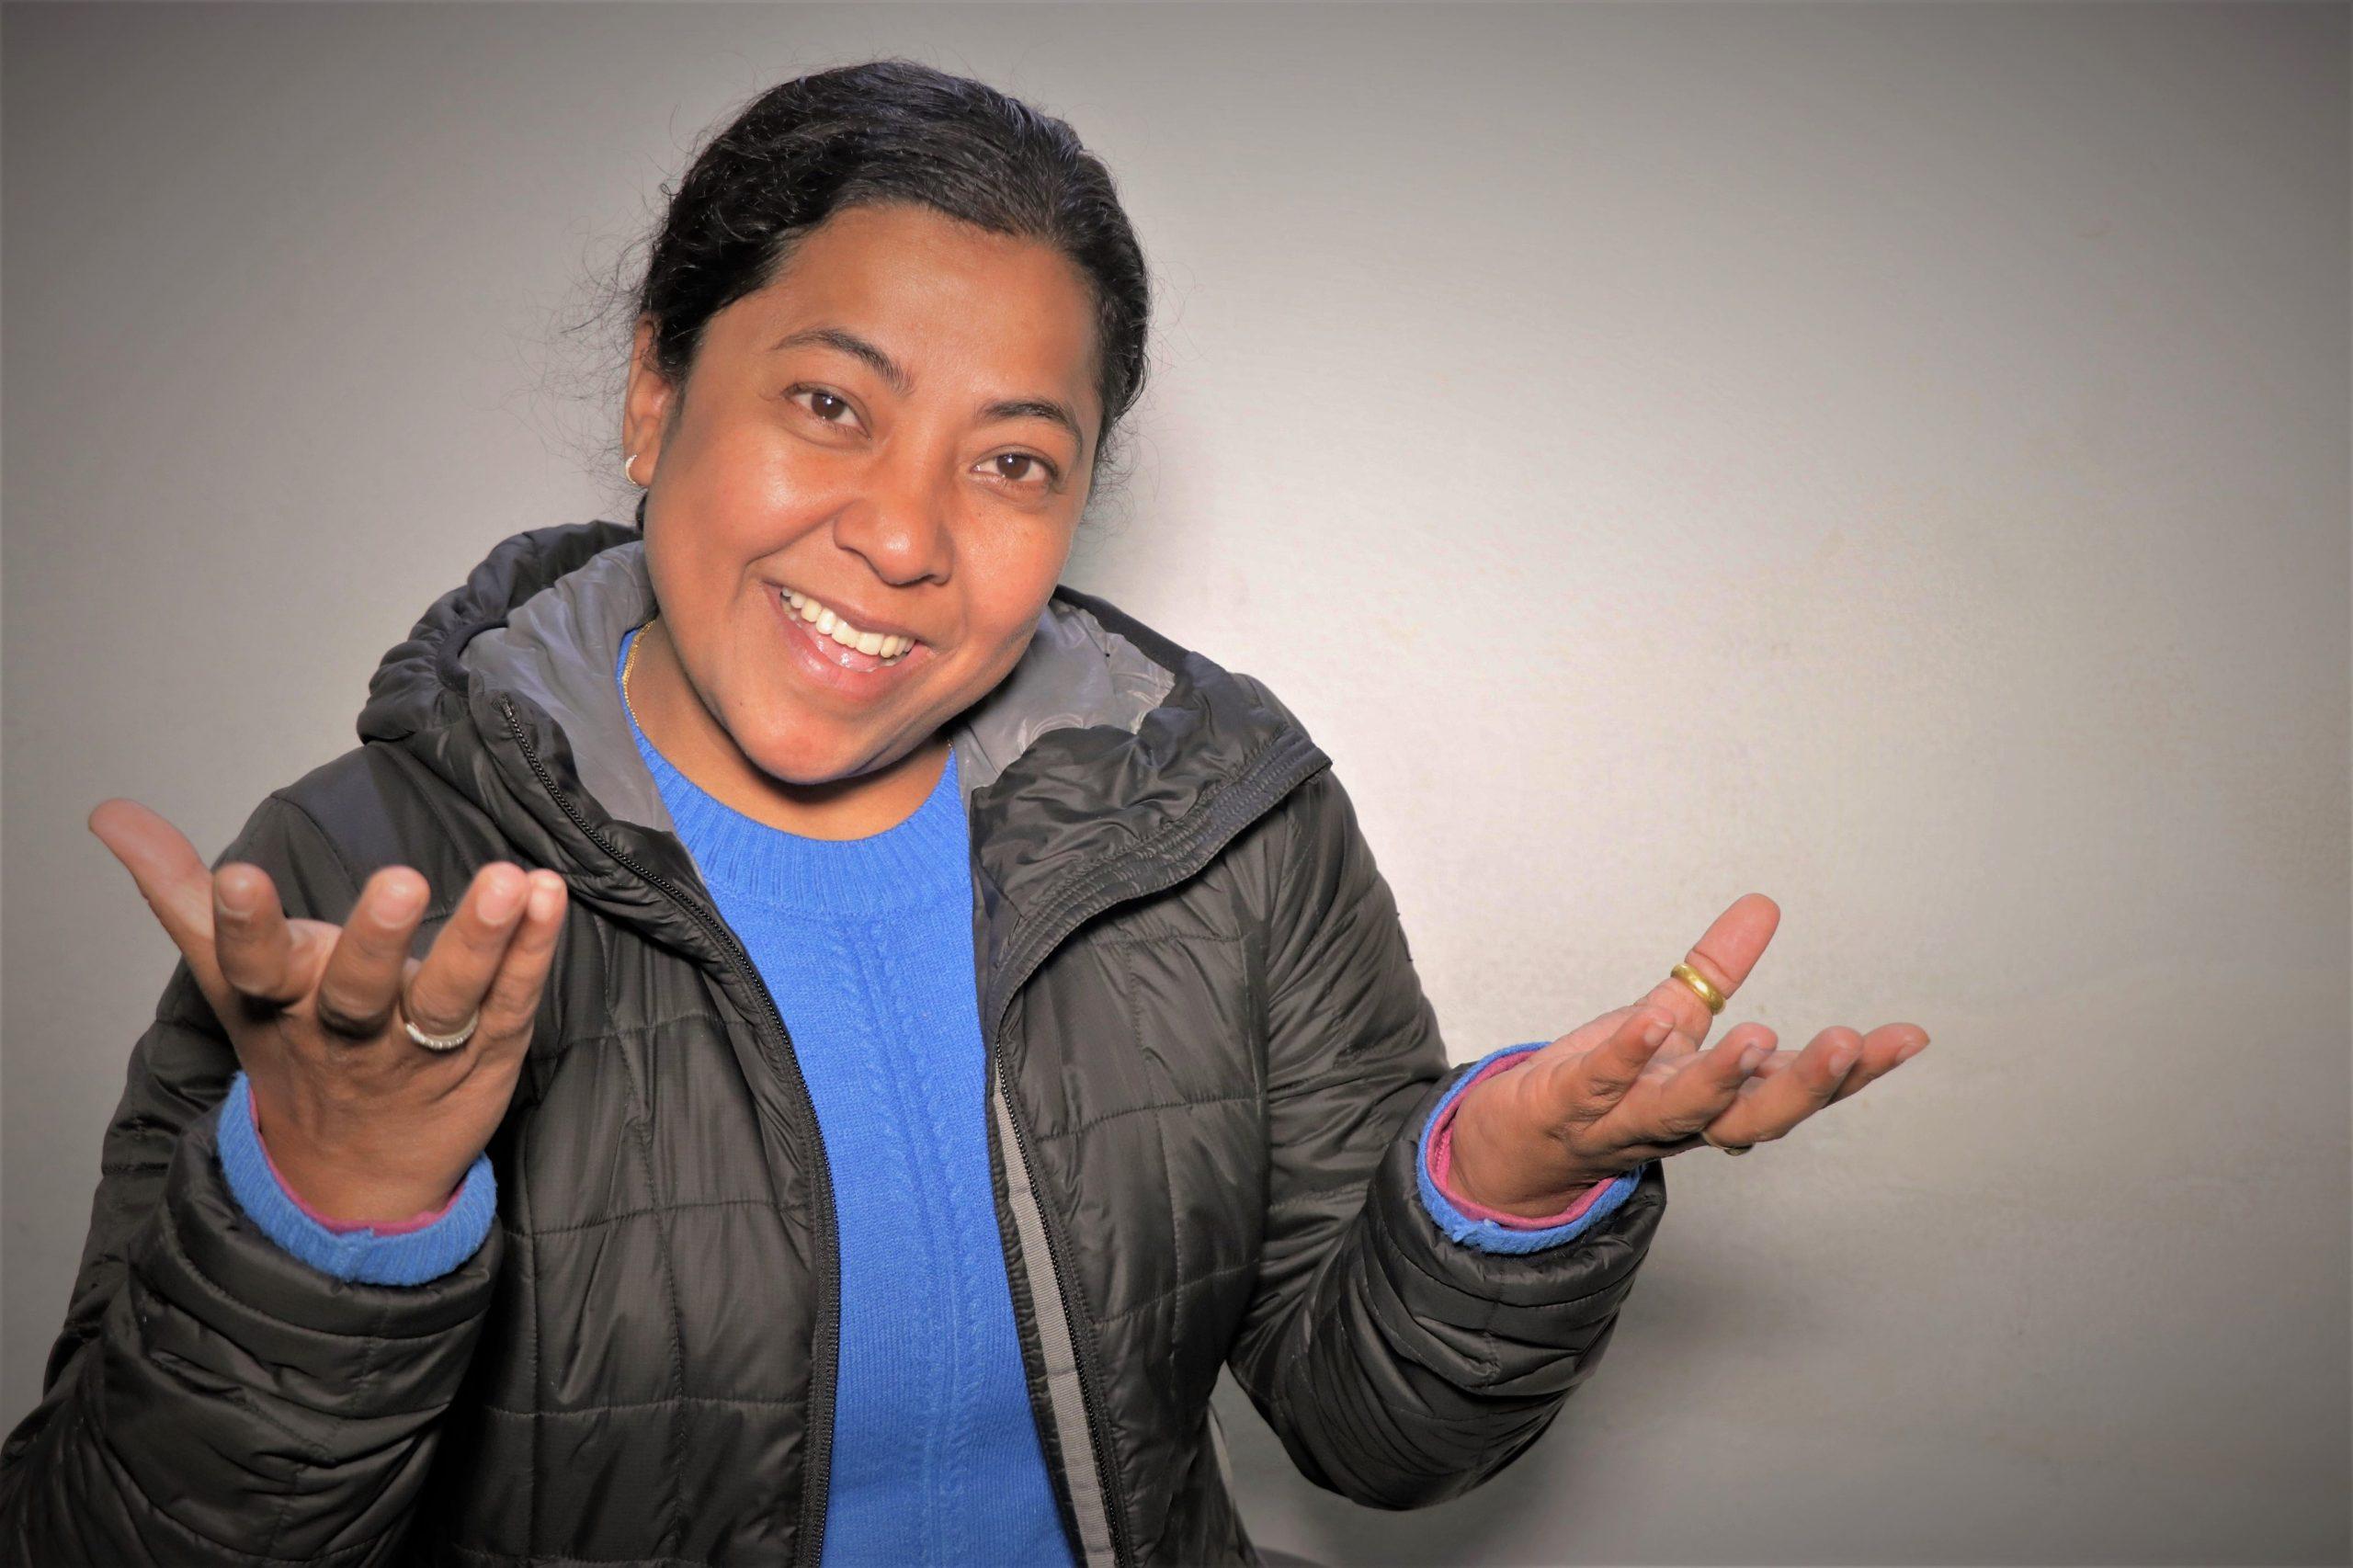 इलामबाट काठमाडौं छिरेकी संजिता, रेडियोग्राफर छोडेर बीमा व्यवसायमा (भिडियो अन्तर्वार्तासहित)